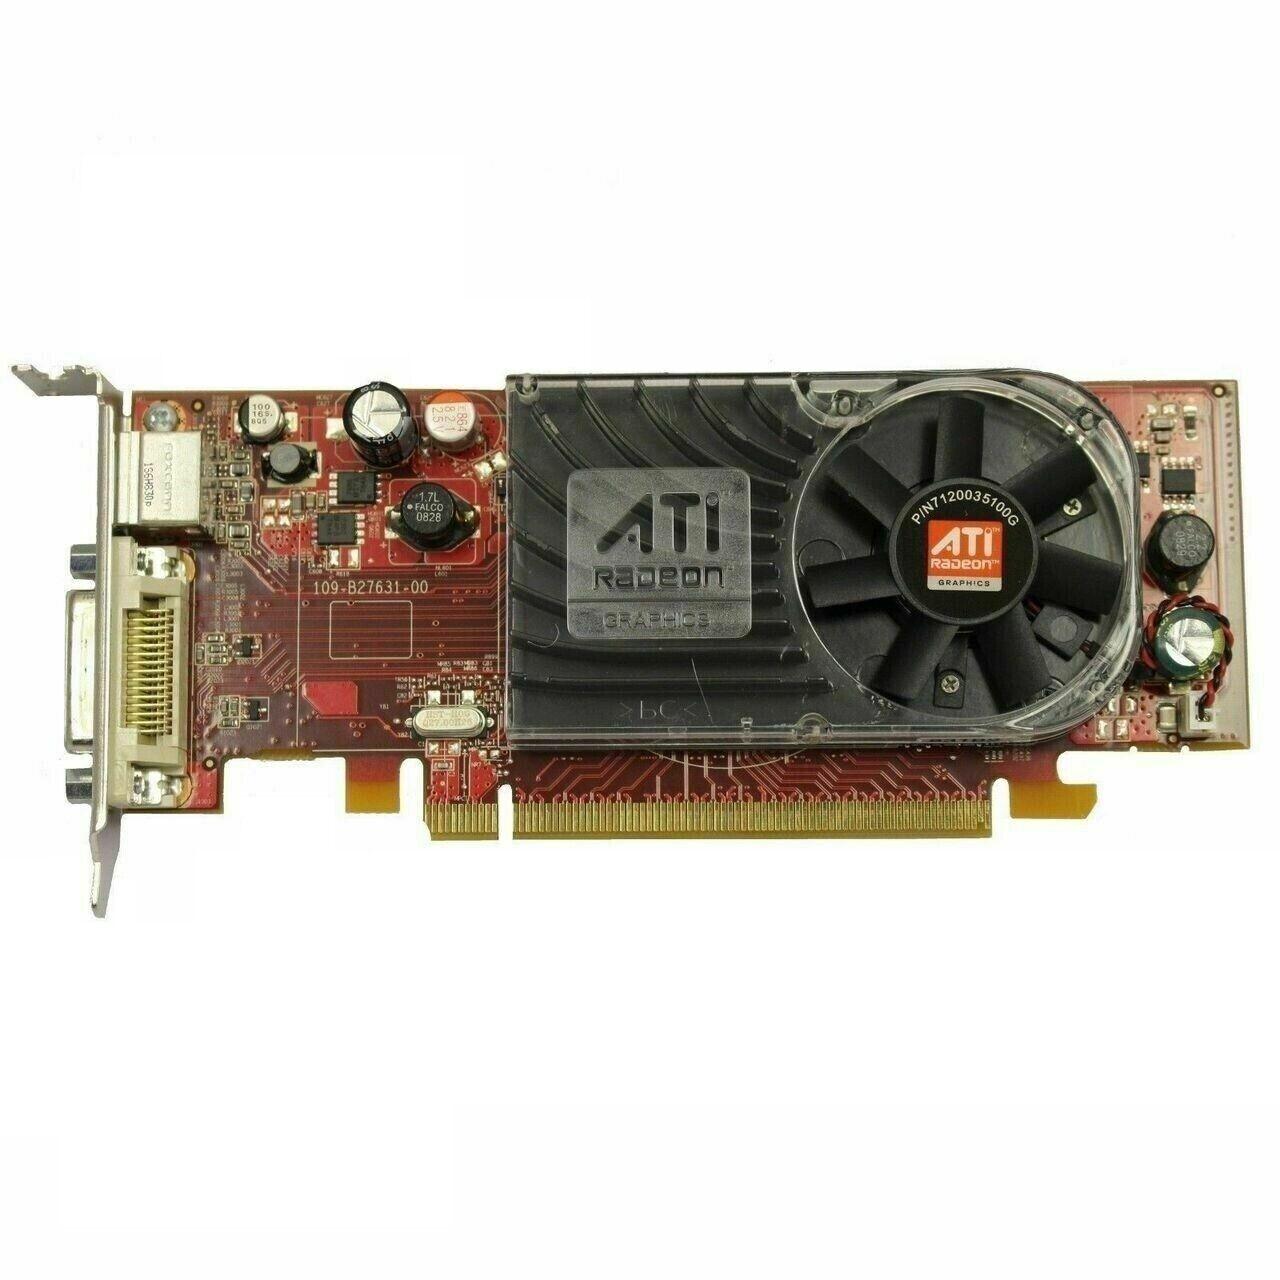 Grafikkarte AMD Radeon HD 2400XT, PCIe 2.0x16, 256MB DDR2, DMS-59, gebraucht